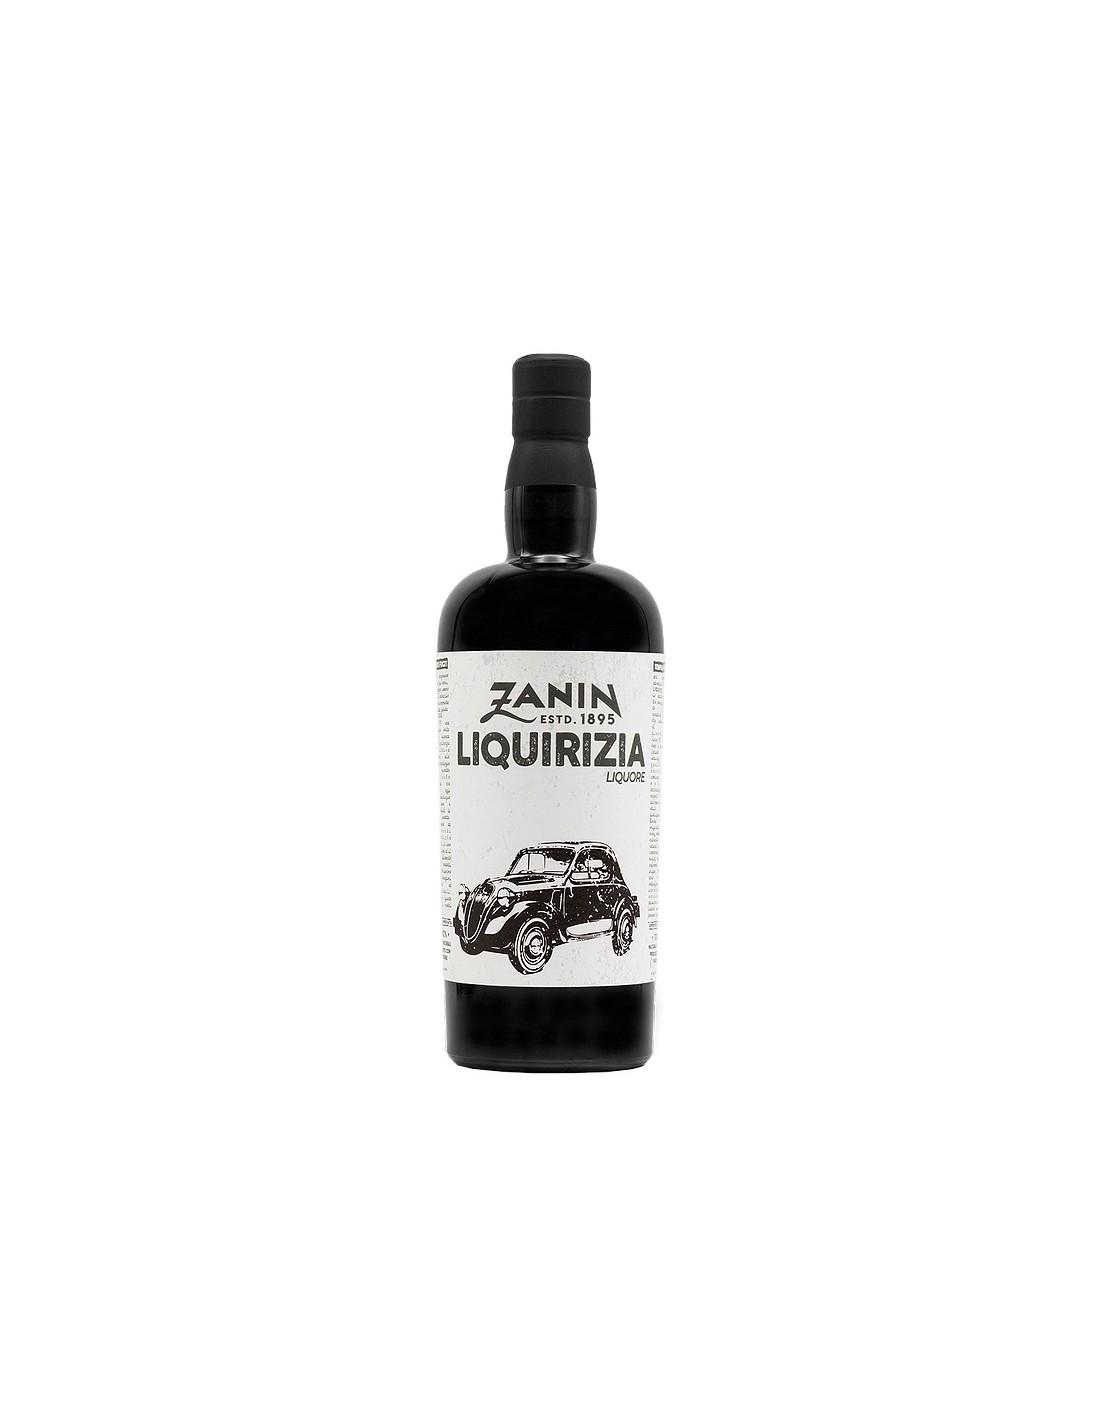 Lichior de lemn Zanin Liquirizia, 25% alc., 0.7L, Italia